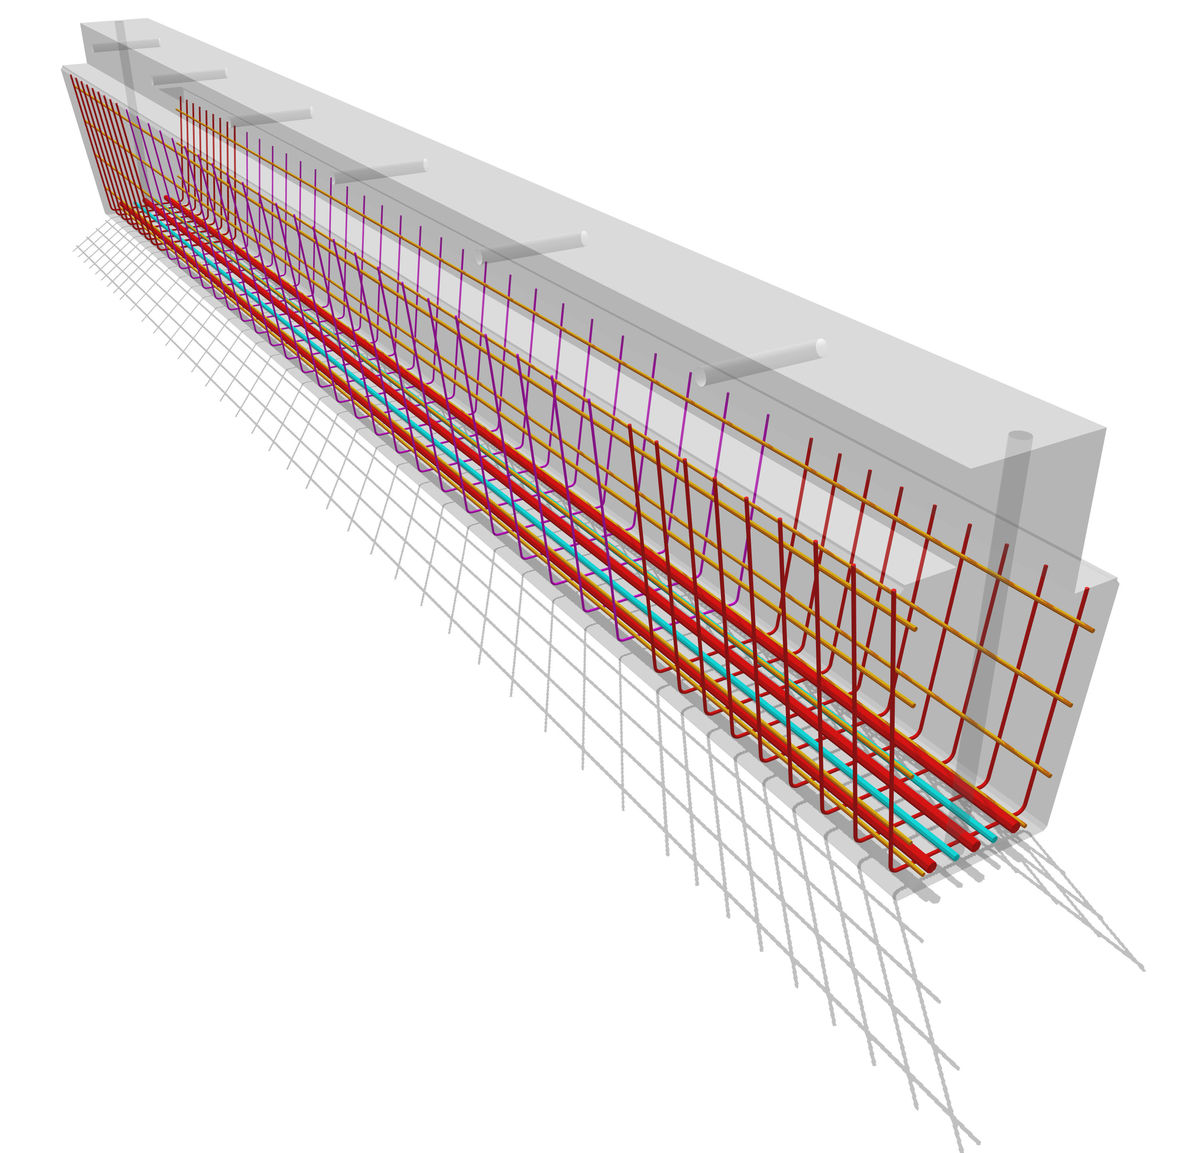 csm-MSA-beam-reinforcement-8270fb7e11